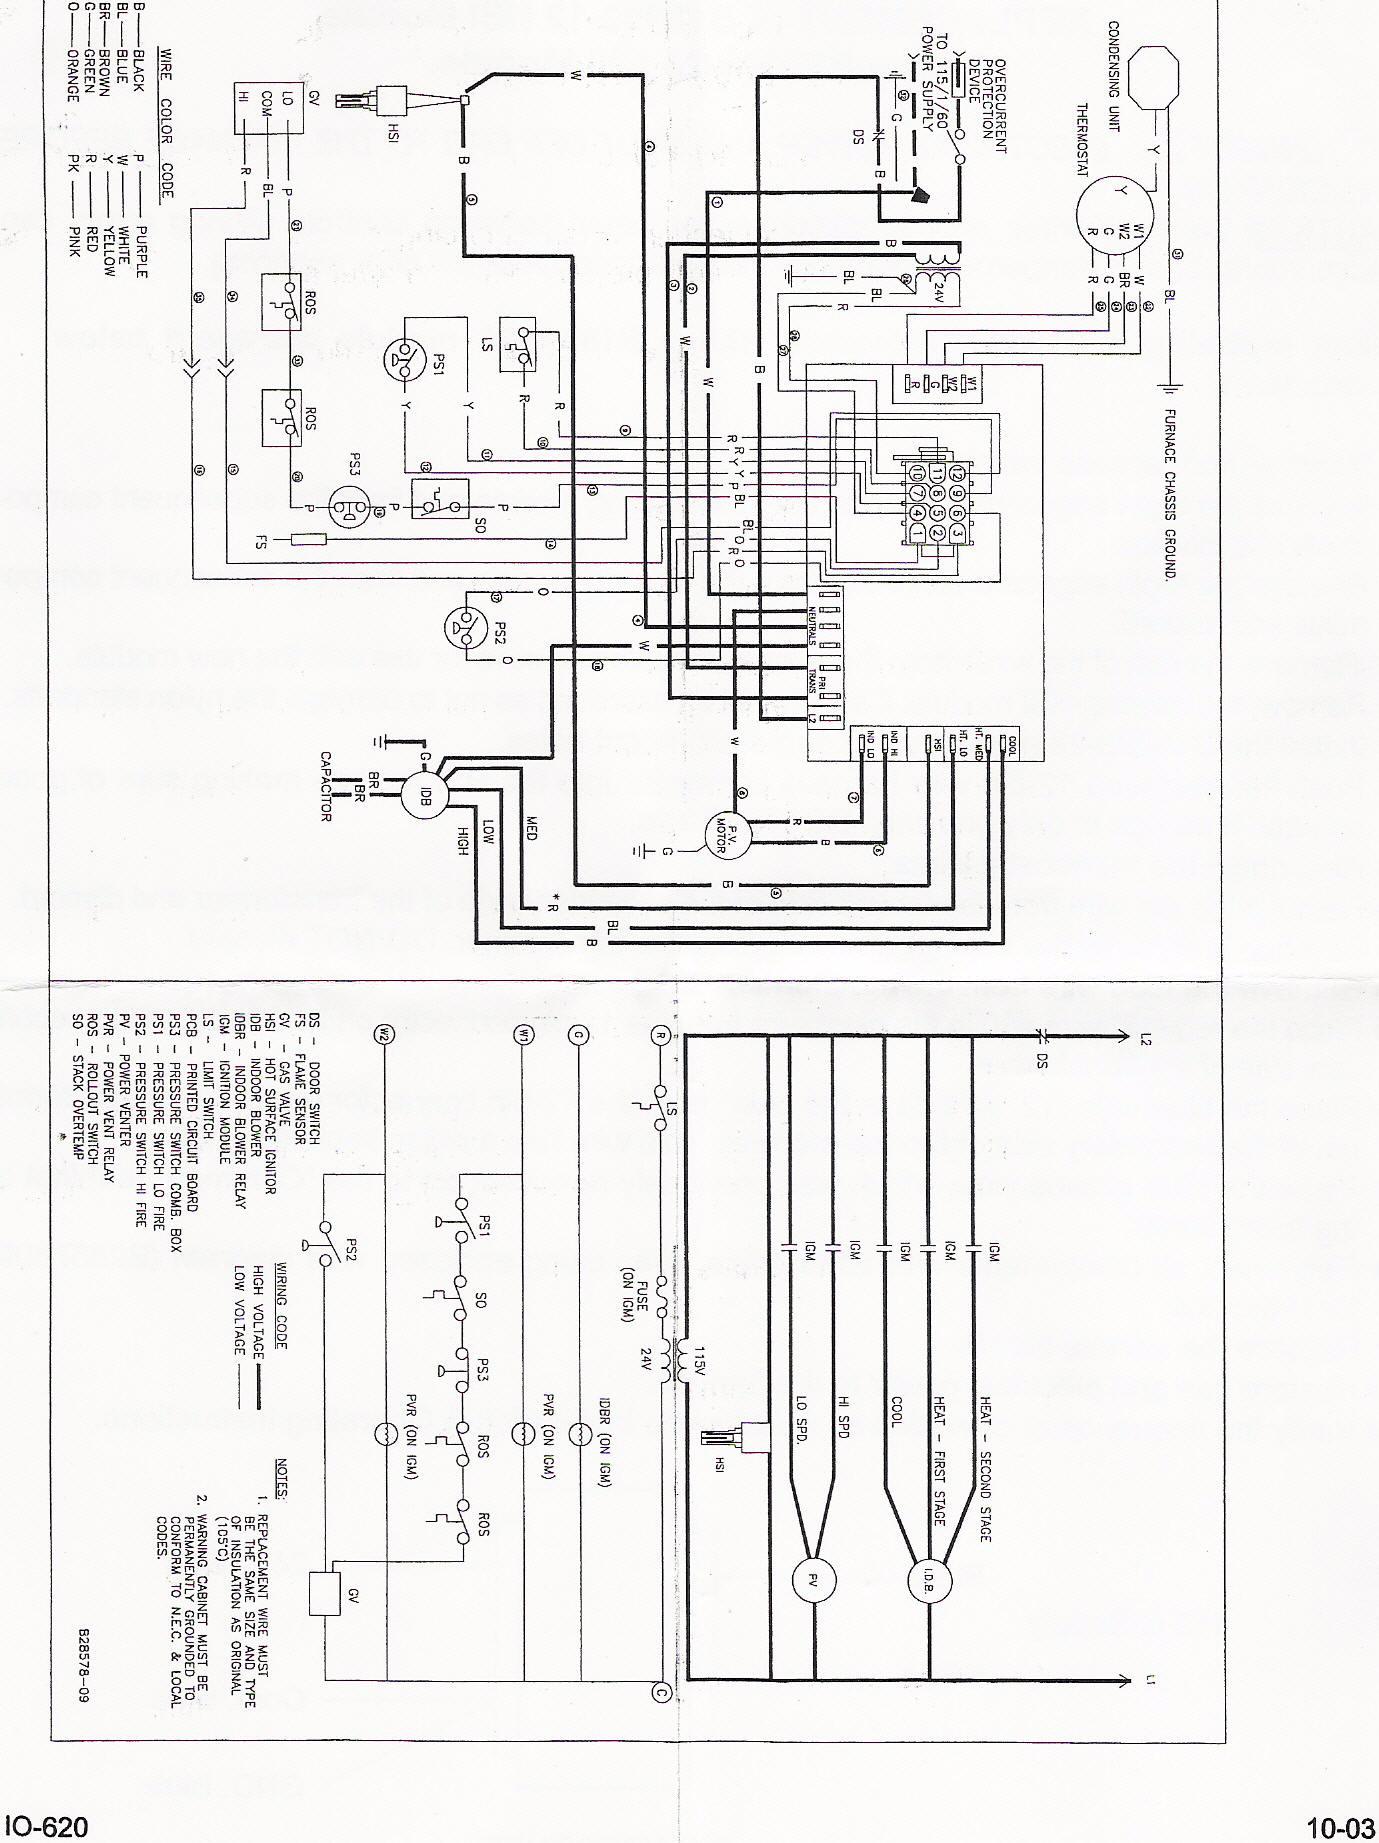 Trane Hvac System Wiring Diagram - Wiring Diagram Explained - Trane Voyager Wiring Diagram